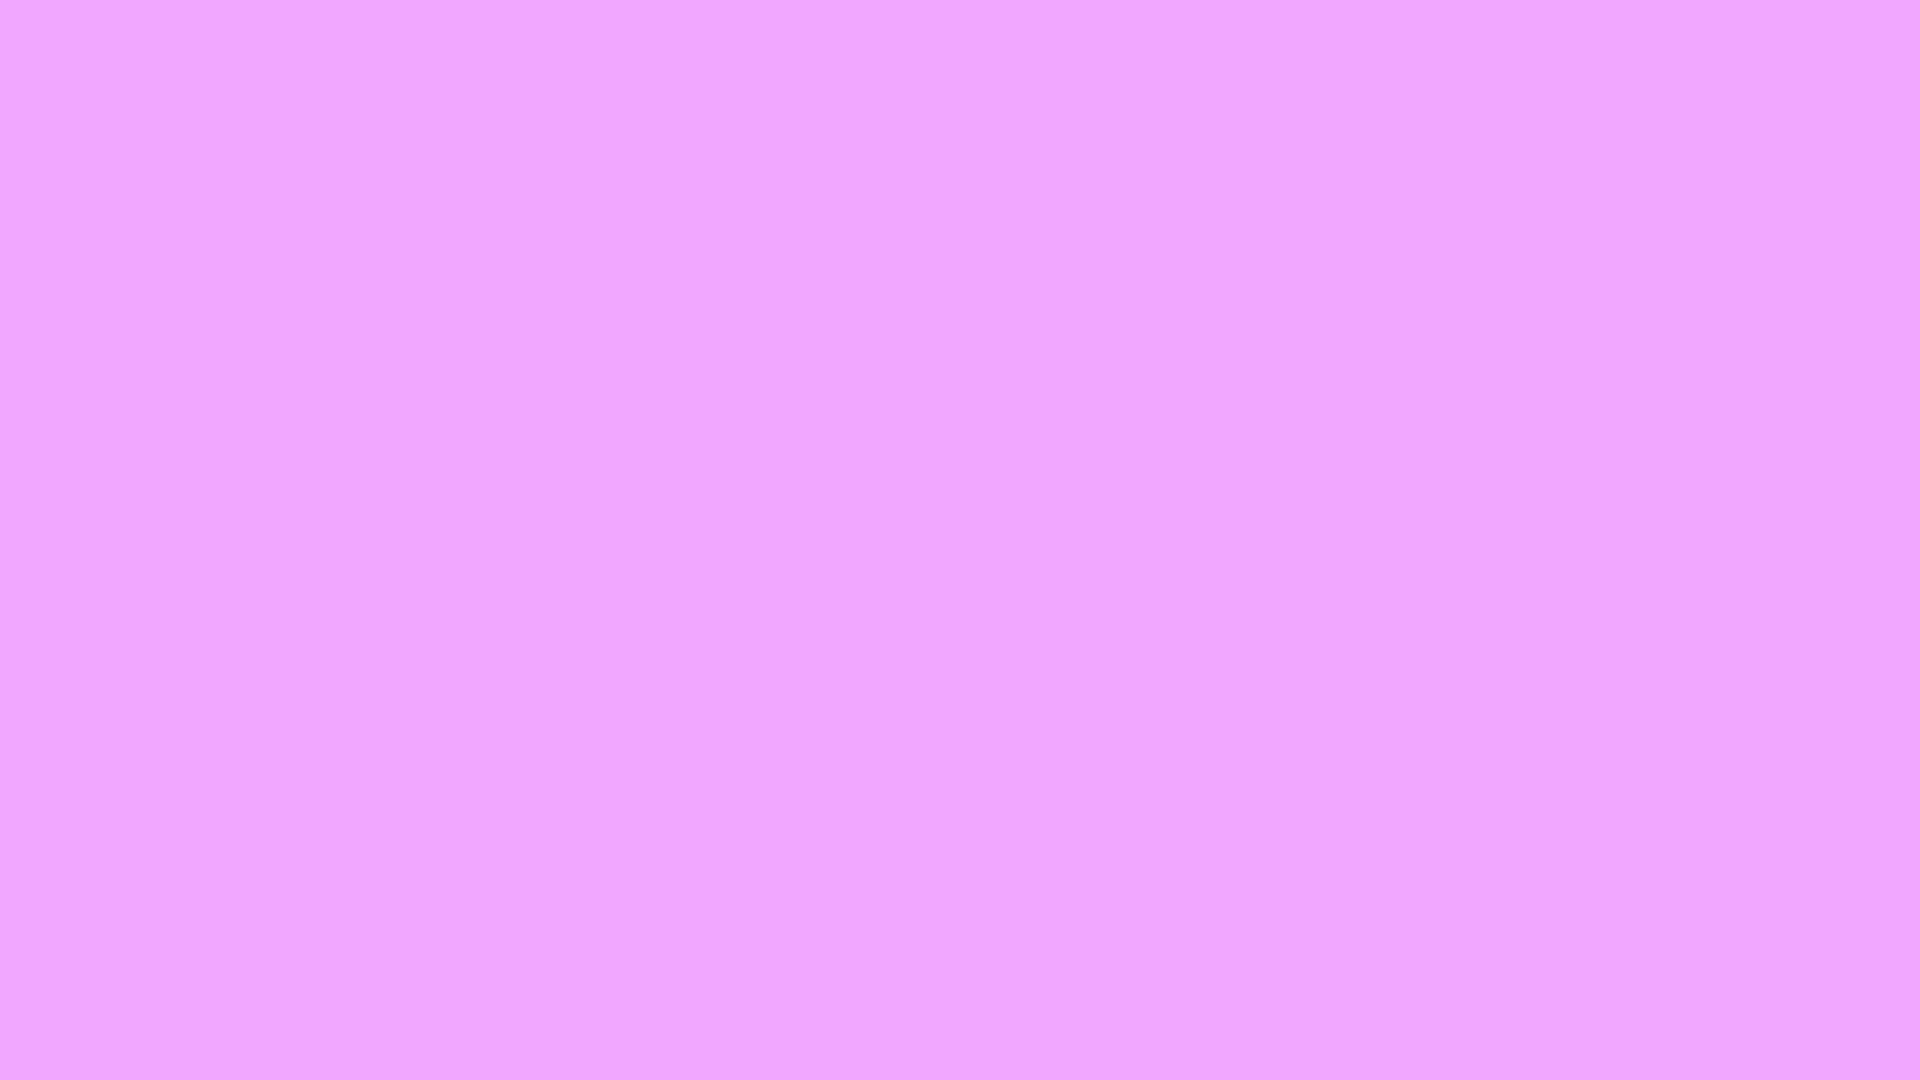 Lavender color wallpaper 56 pictures - Wallpaper lavender color ...